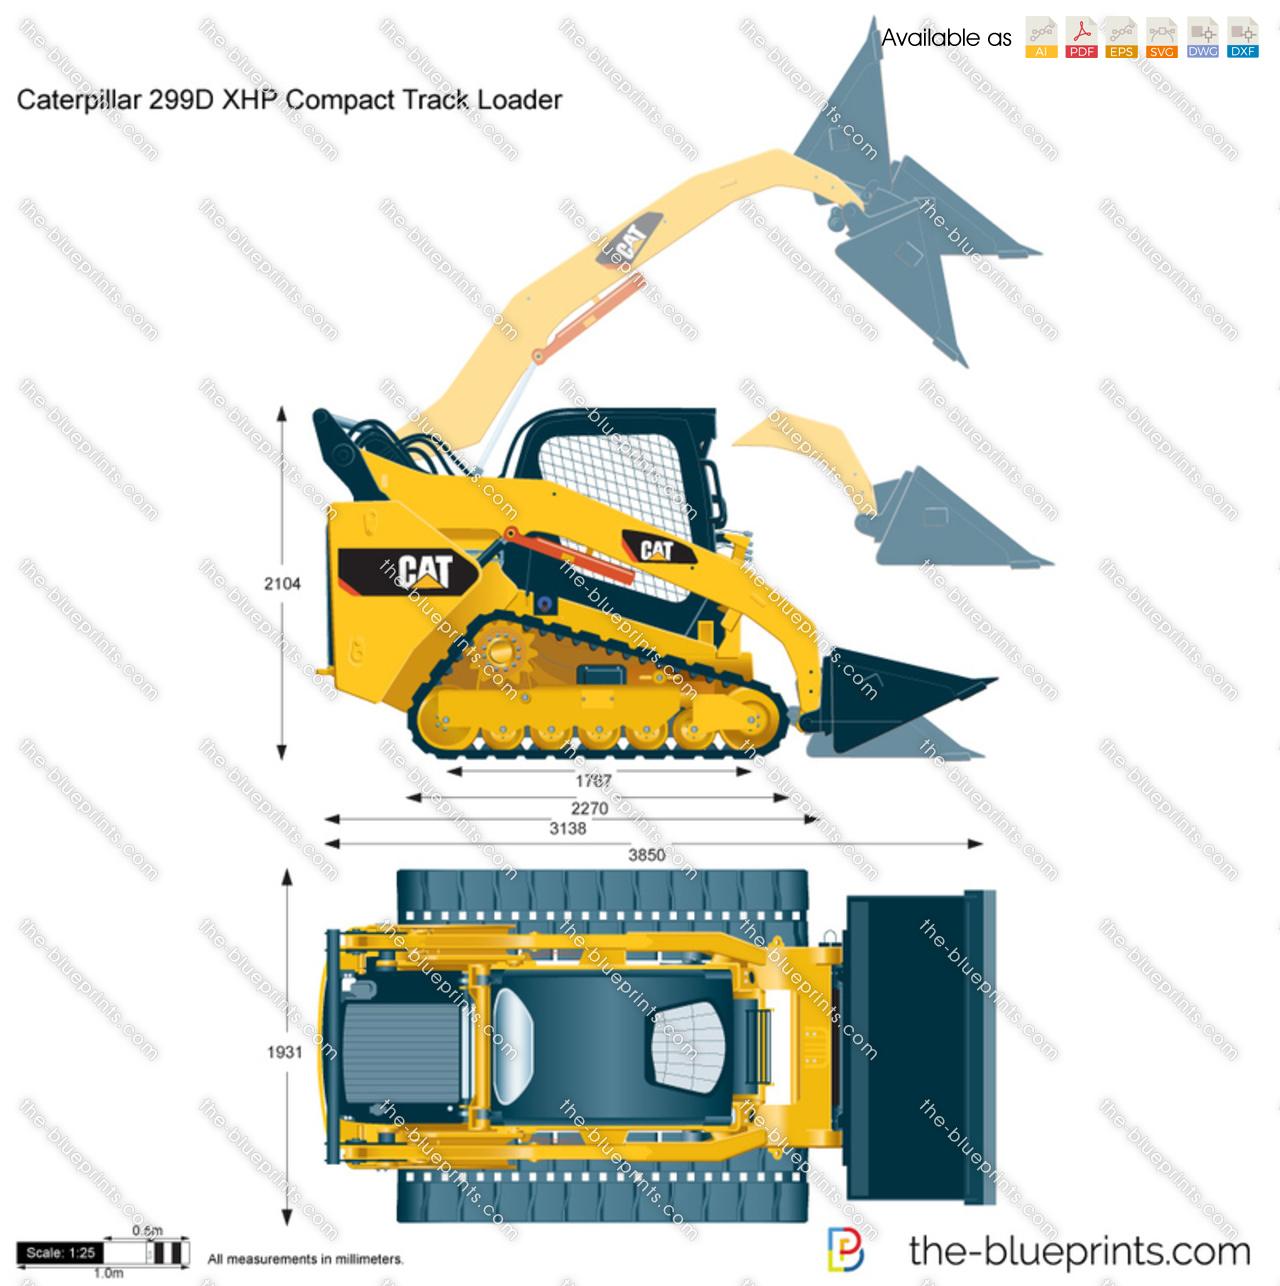 Caterpillar 299D XHP Compact Track Loader